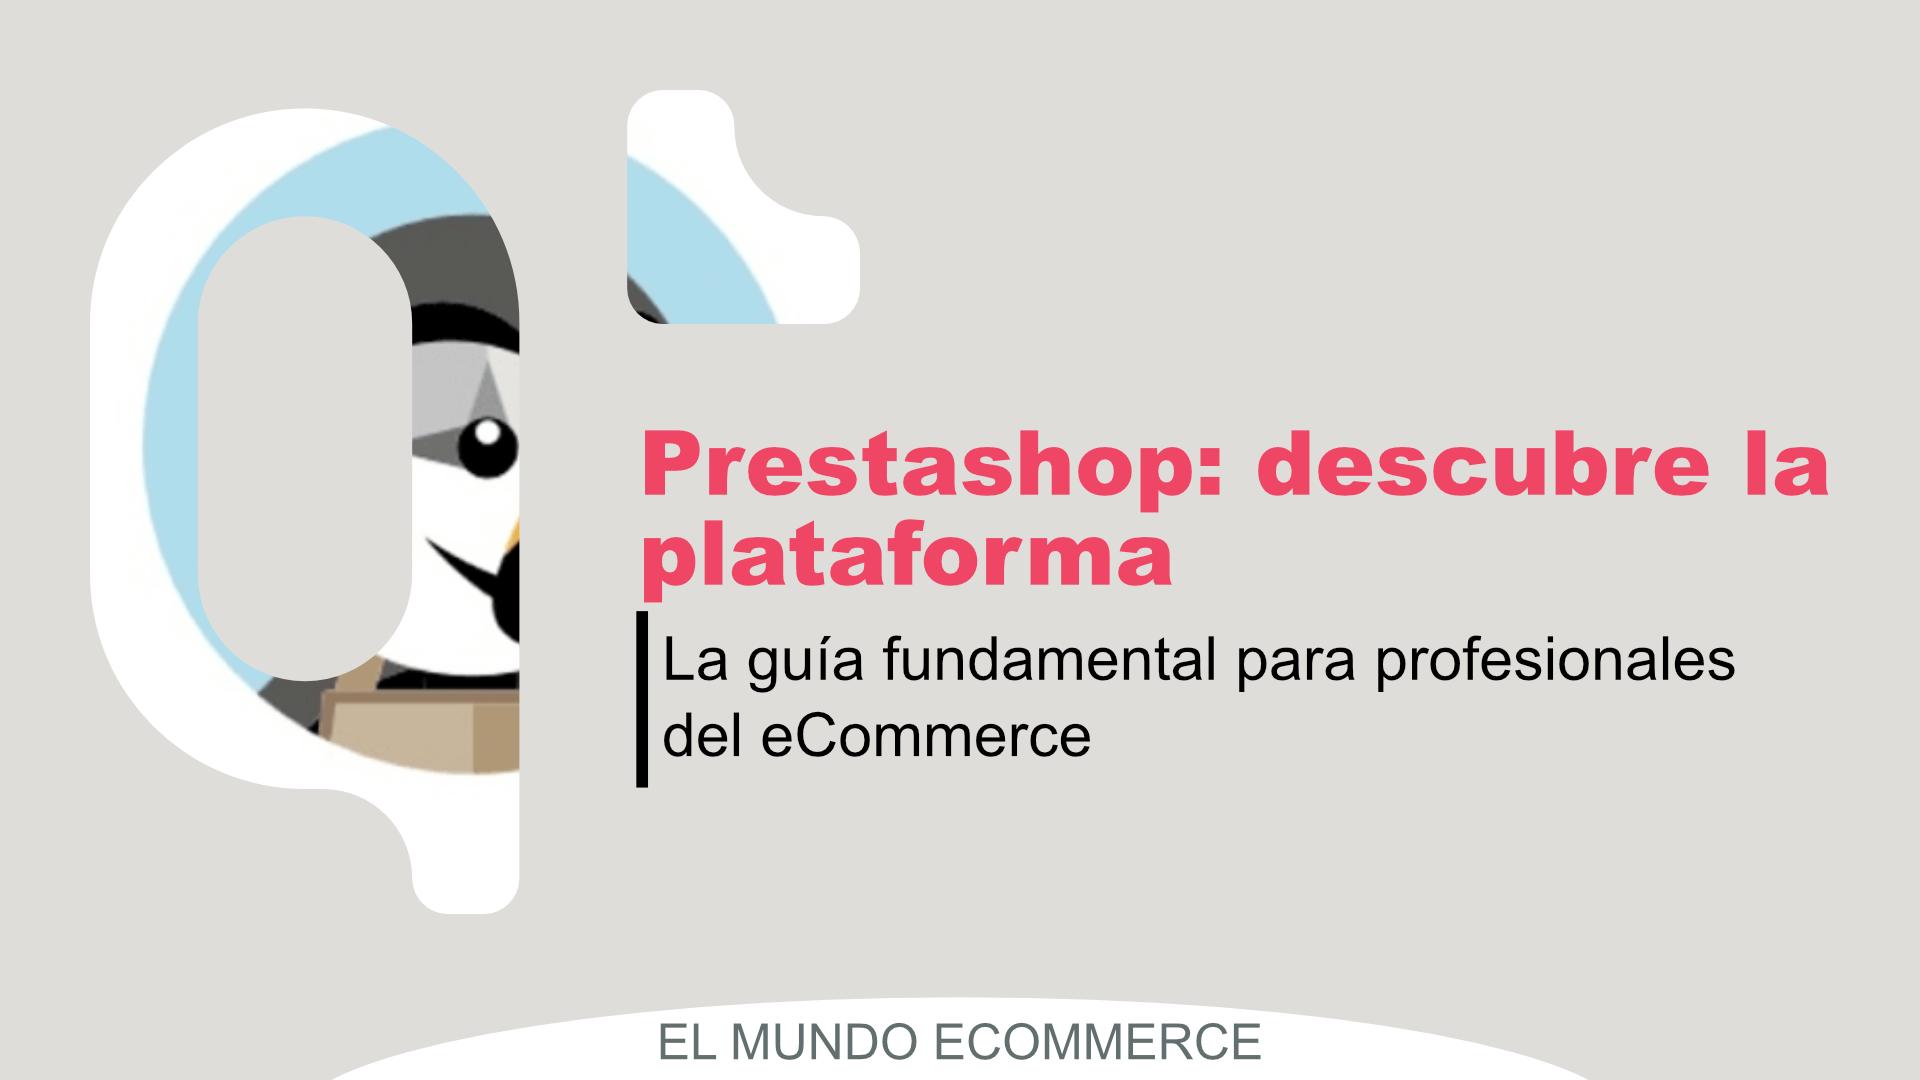 Prestashop: la guía fundamental para profesionales del eCommerce